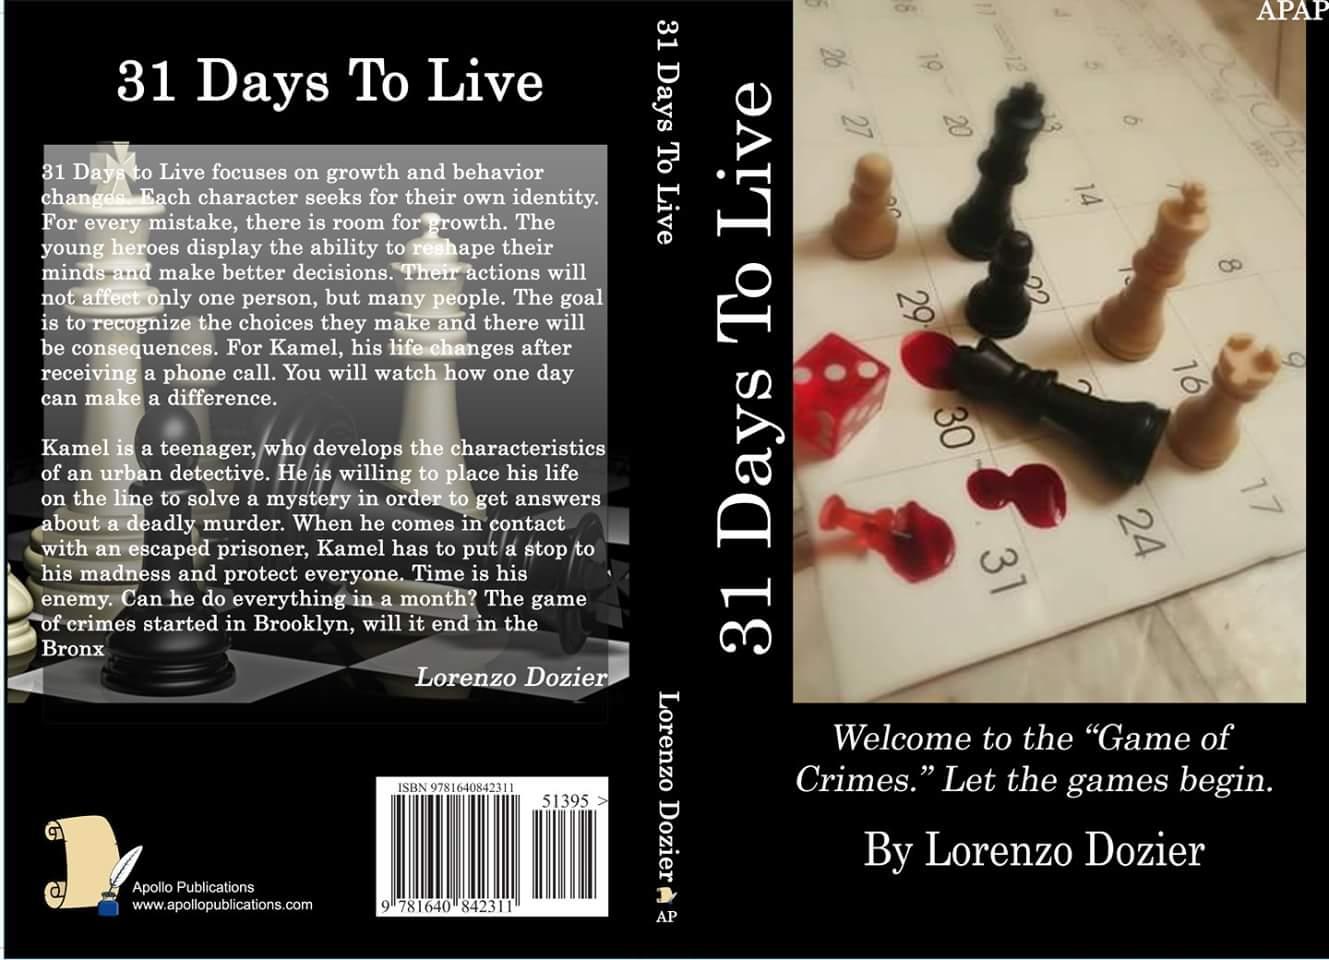 31 Days to Live Artwork